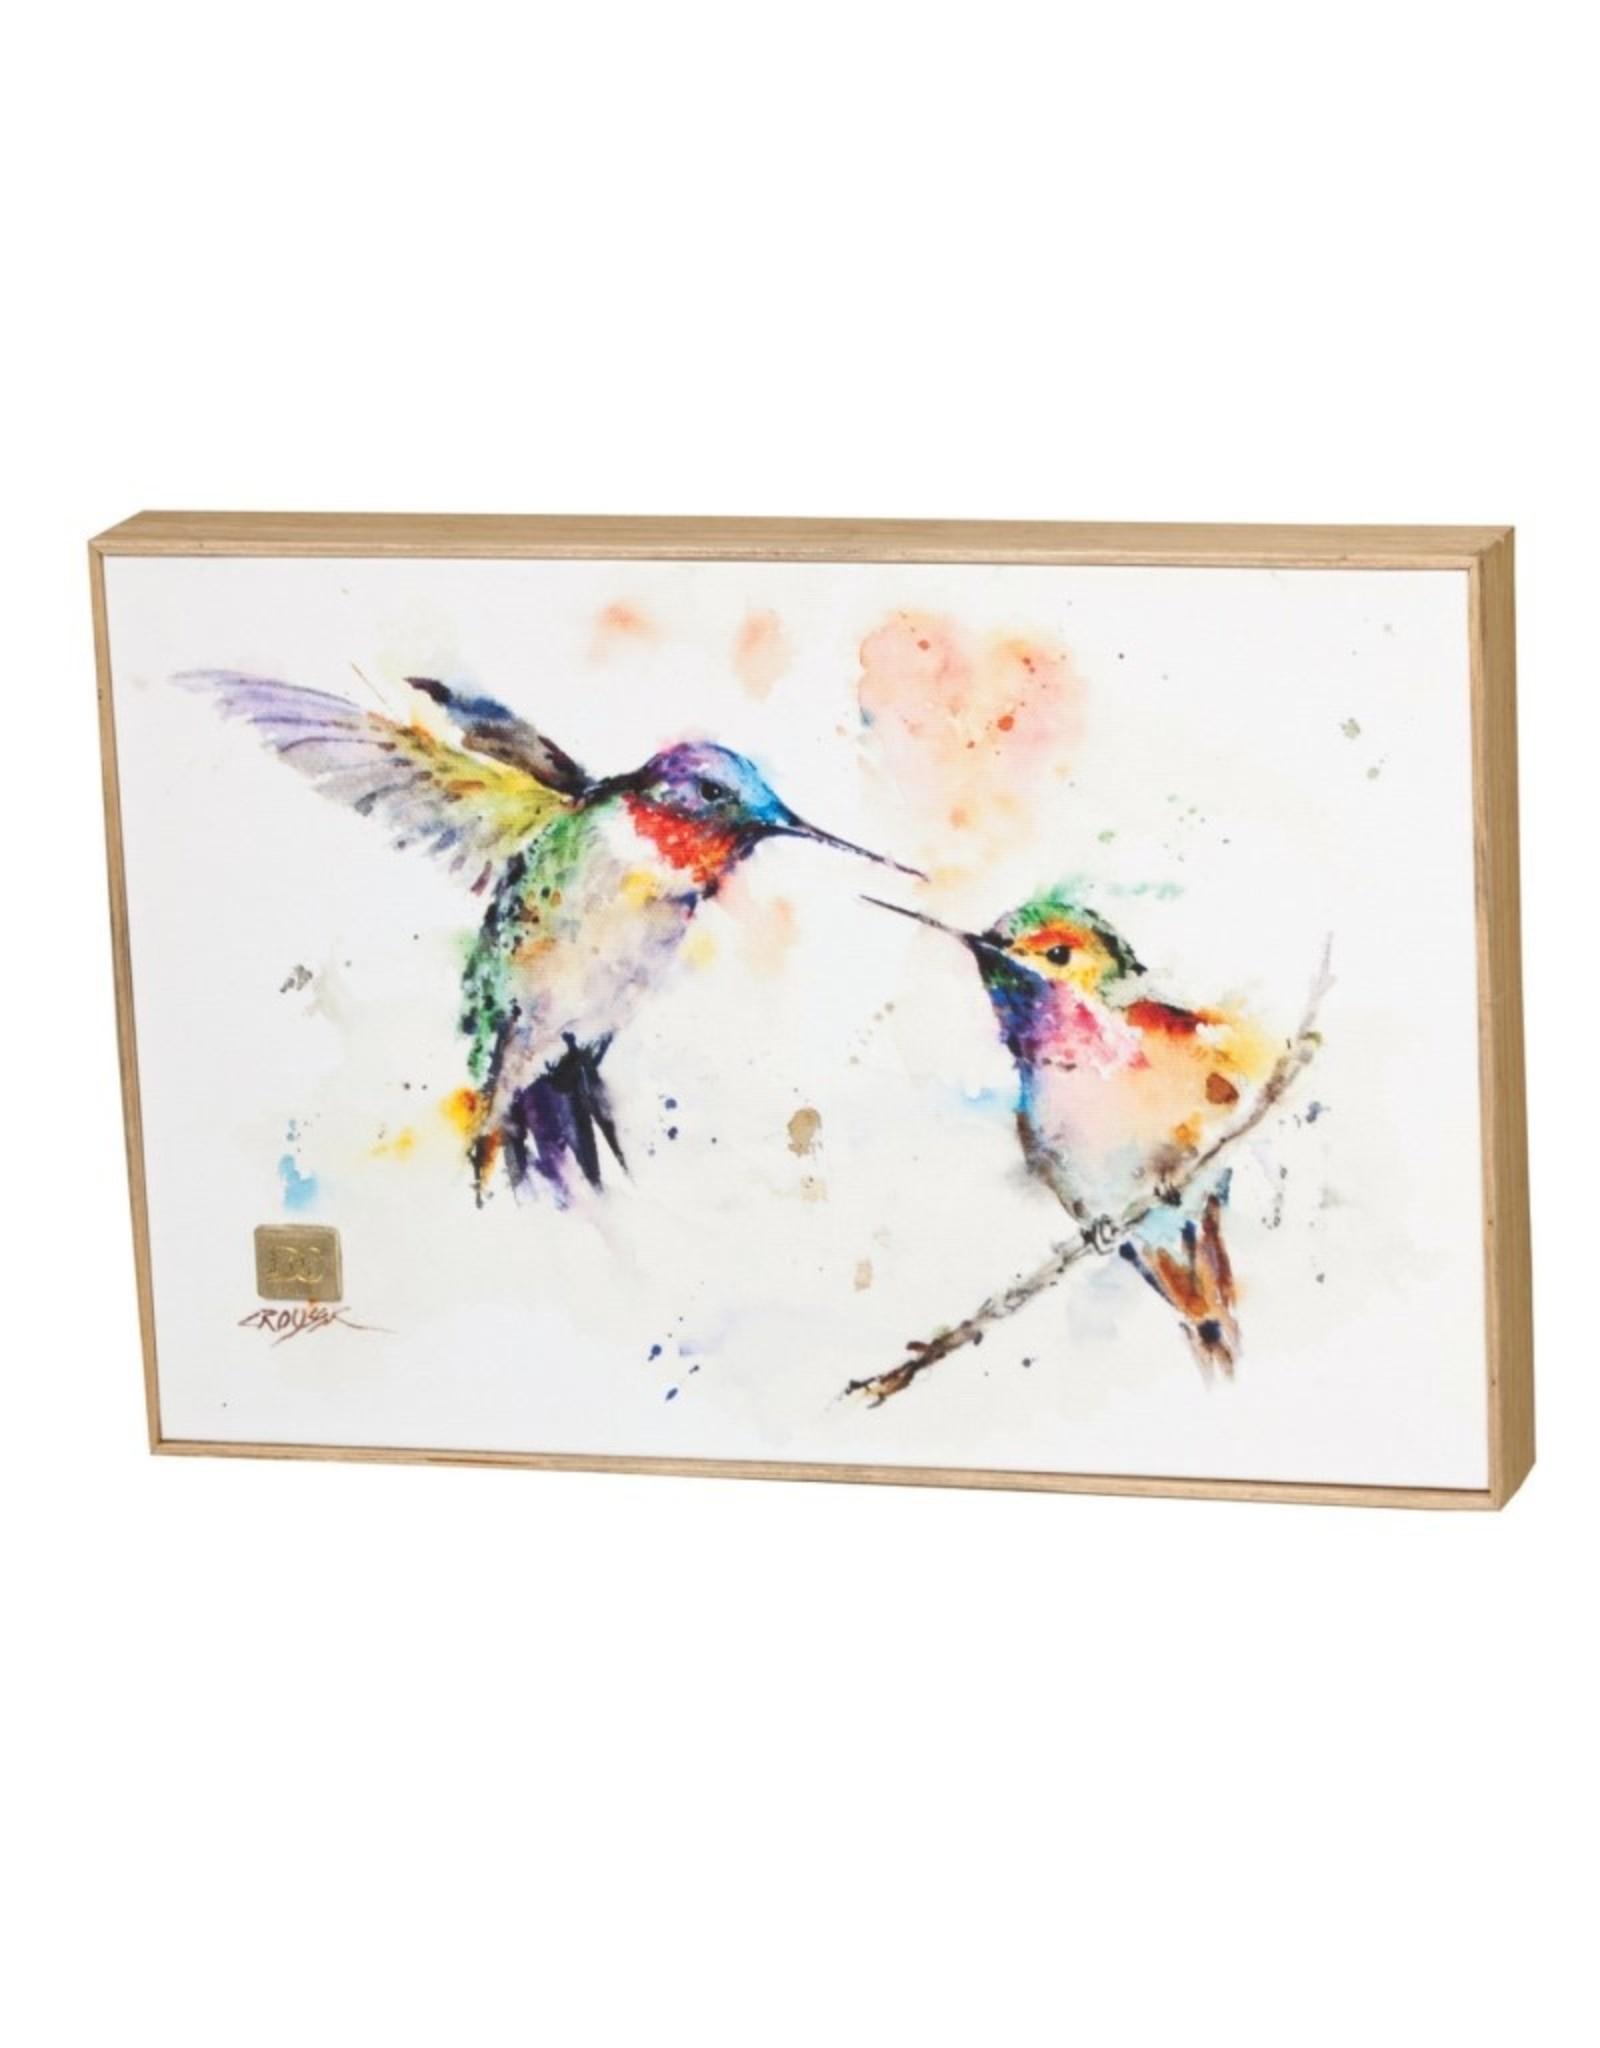 Dean Crouser Dean Crouser Wall Art - The Lovebirds Hummingbirds  8x12